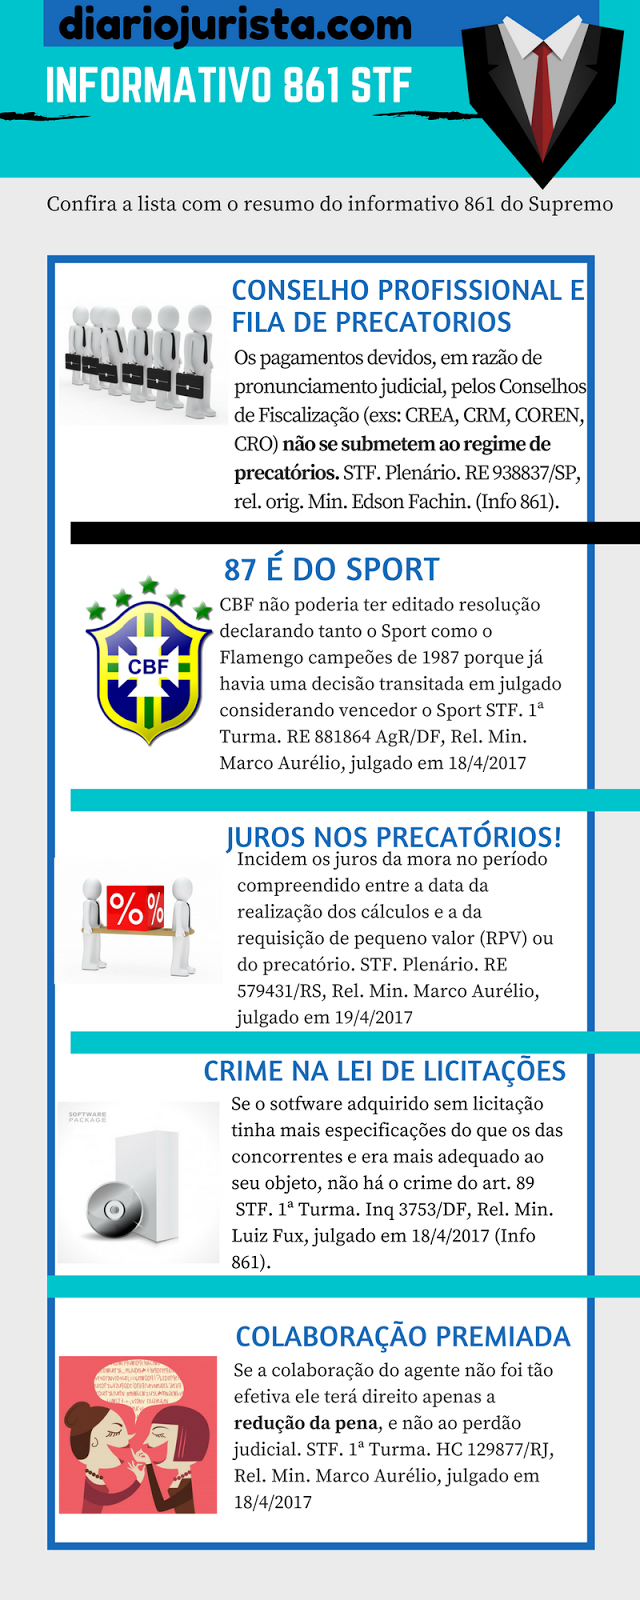 Infográfico de Jurisprudência: Informativo 861 do STF